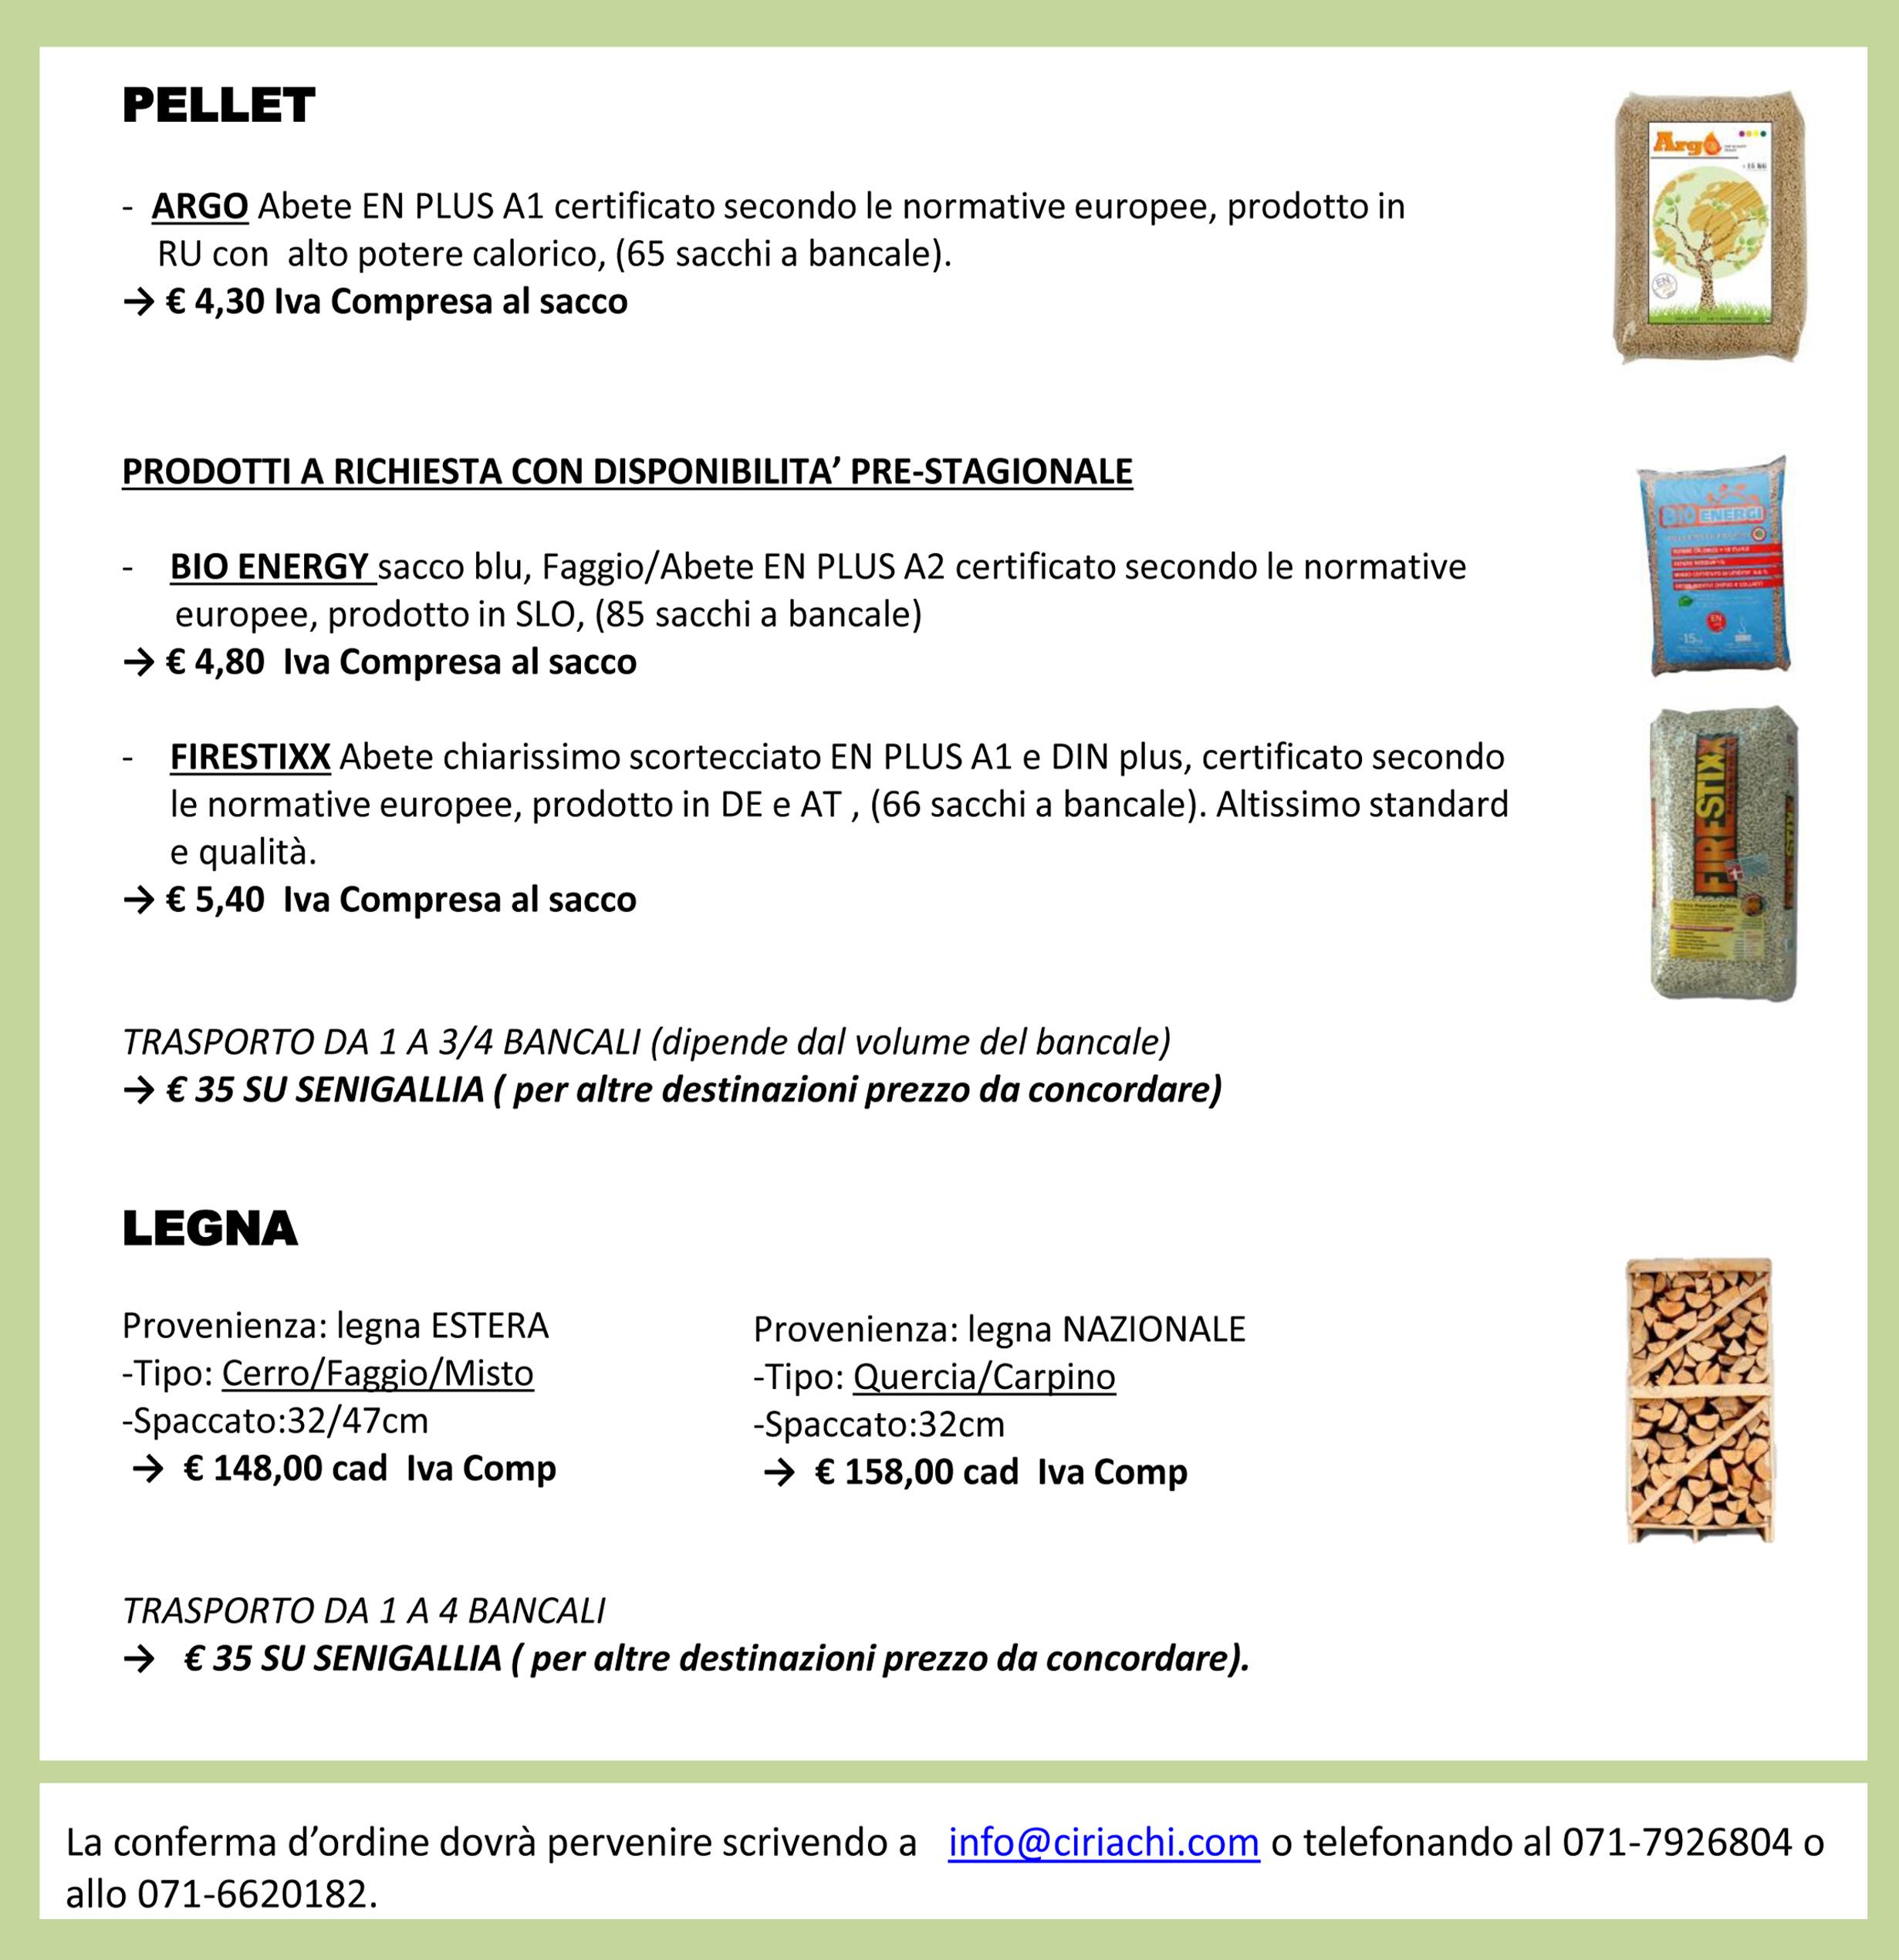 OFFERTA PELLET E LEGNA - Ciriachi - Soluzioni per l ...